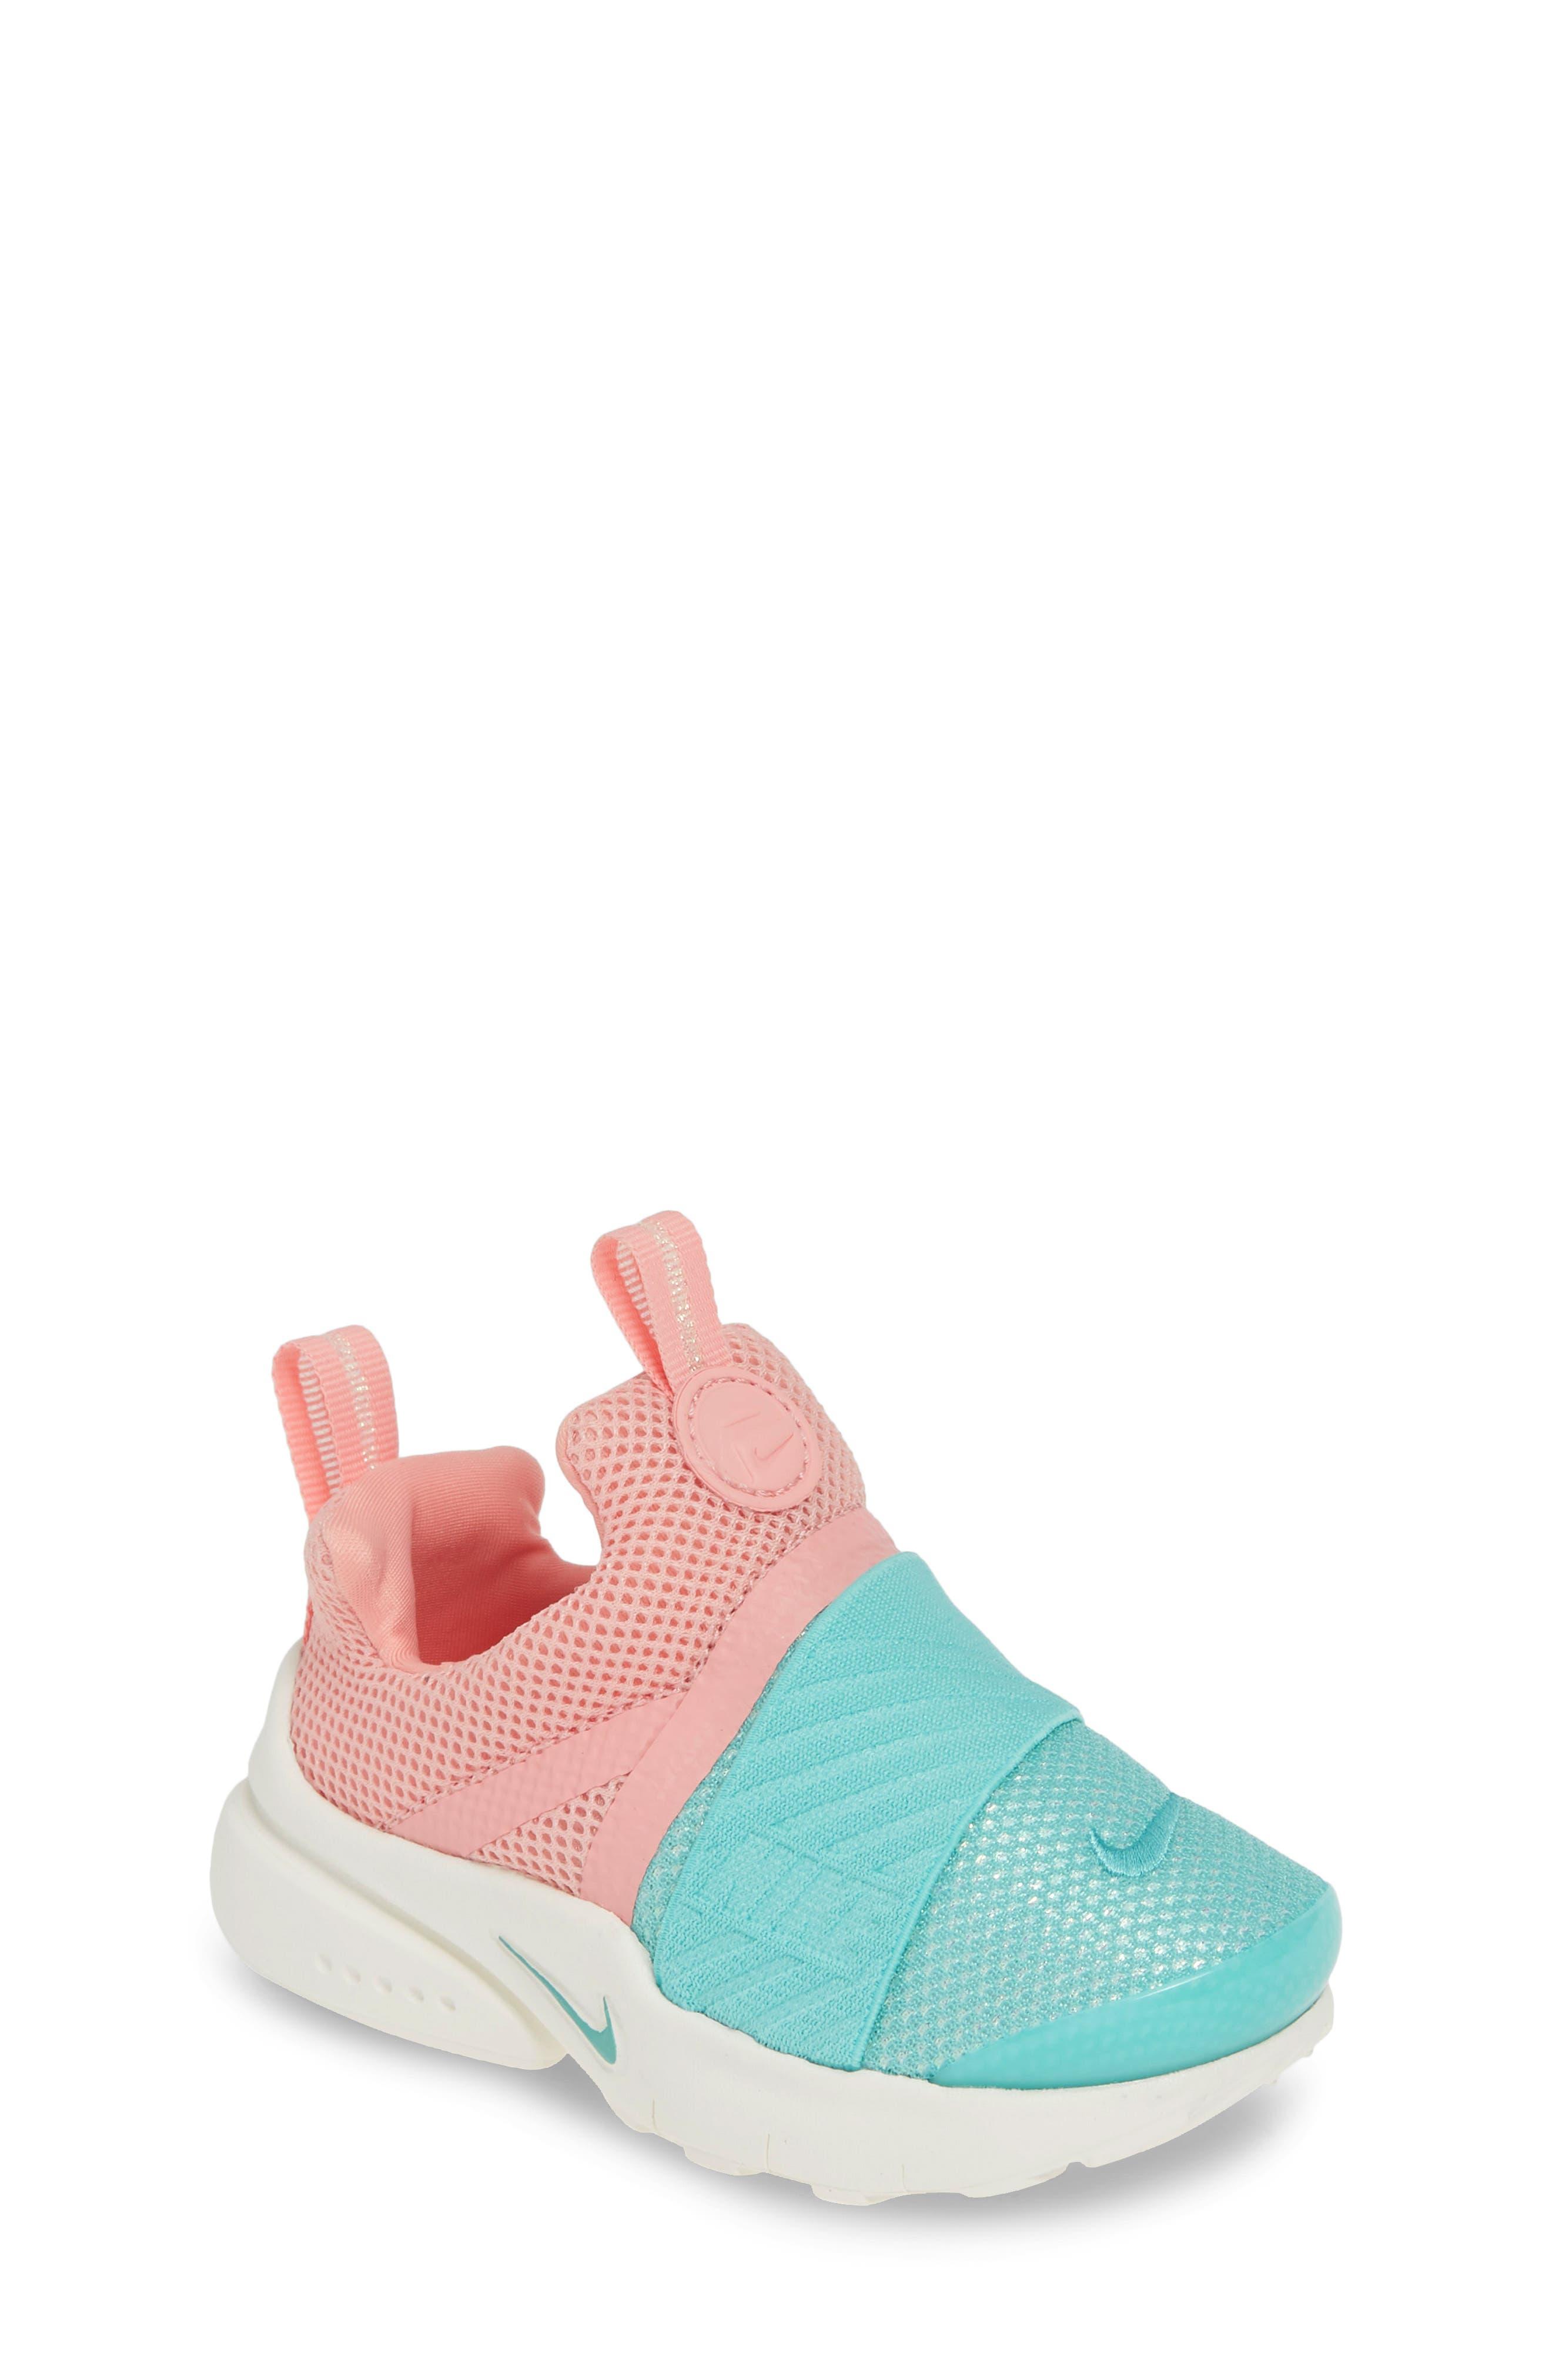 Baby Boy Boy Nike Baby ShoesNordstrom fyb7g6